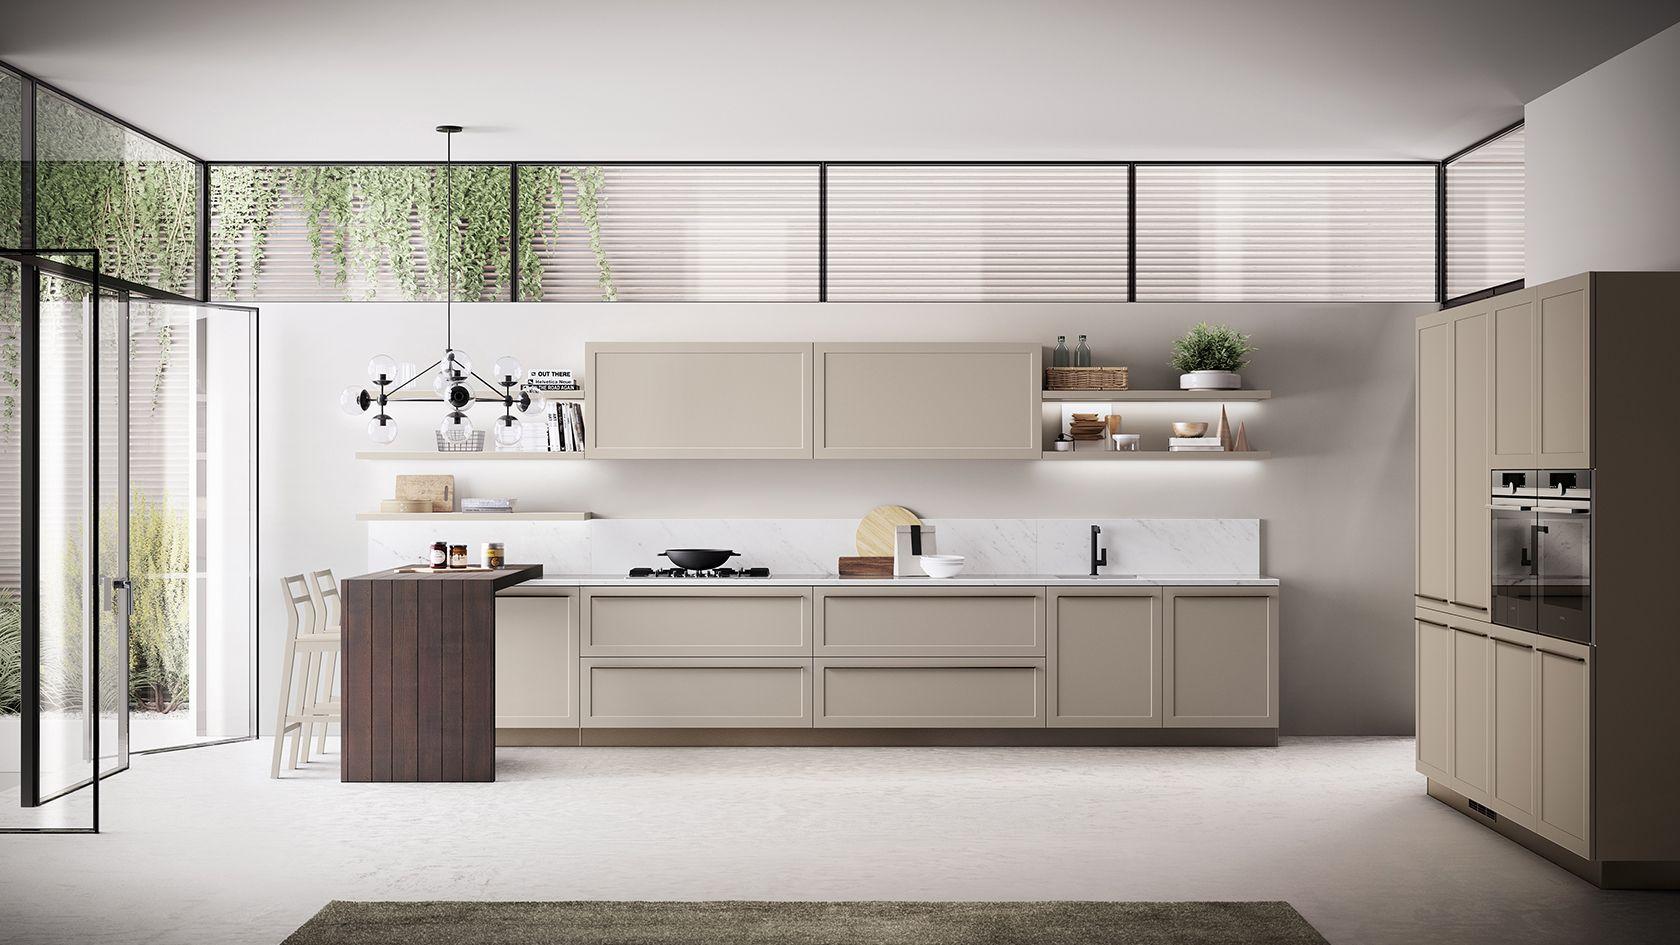 Küchenideen mit schwarzen schränken carattere  scavolini carattere  pinterest